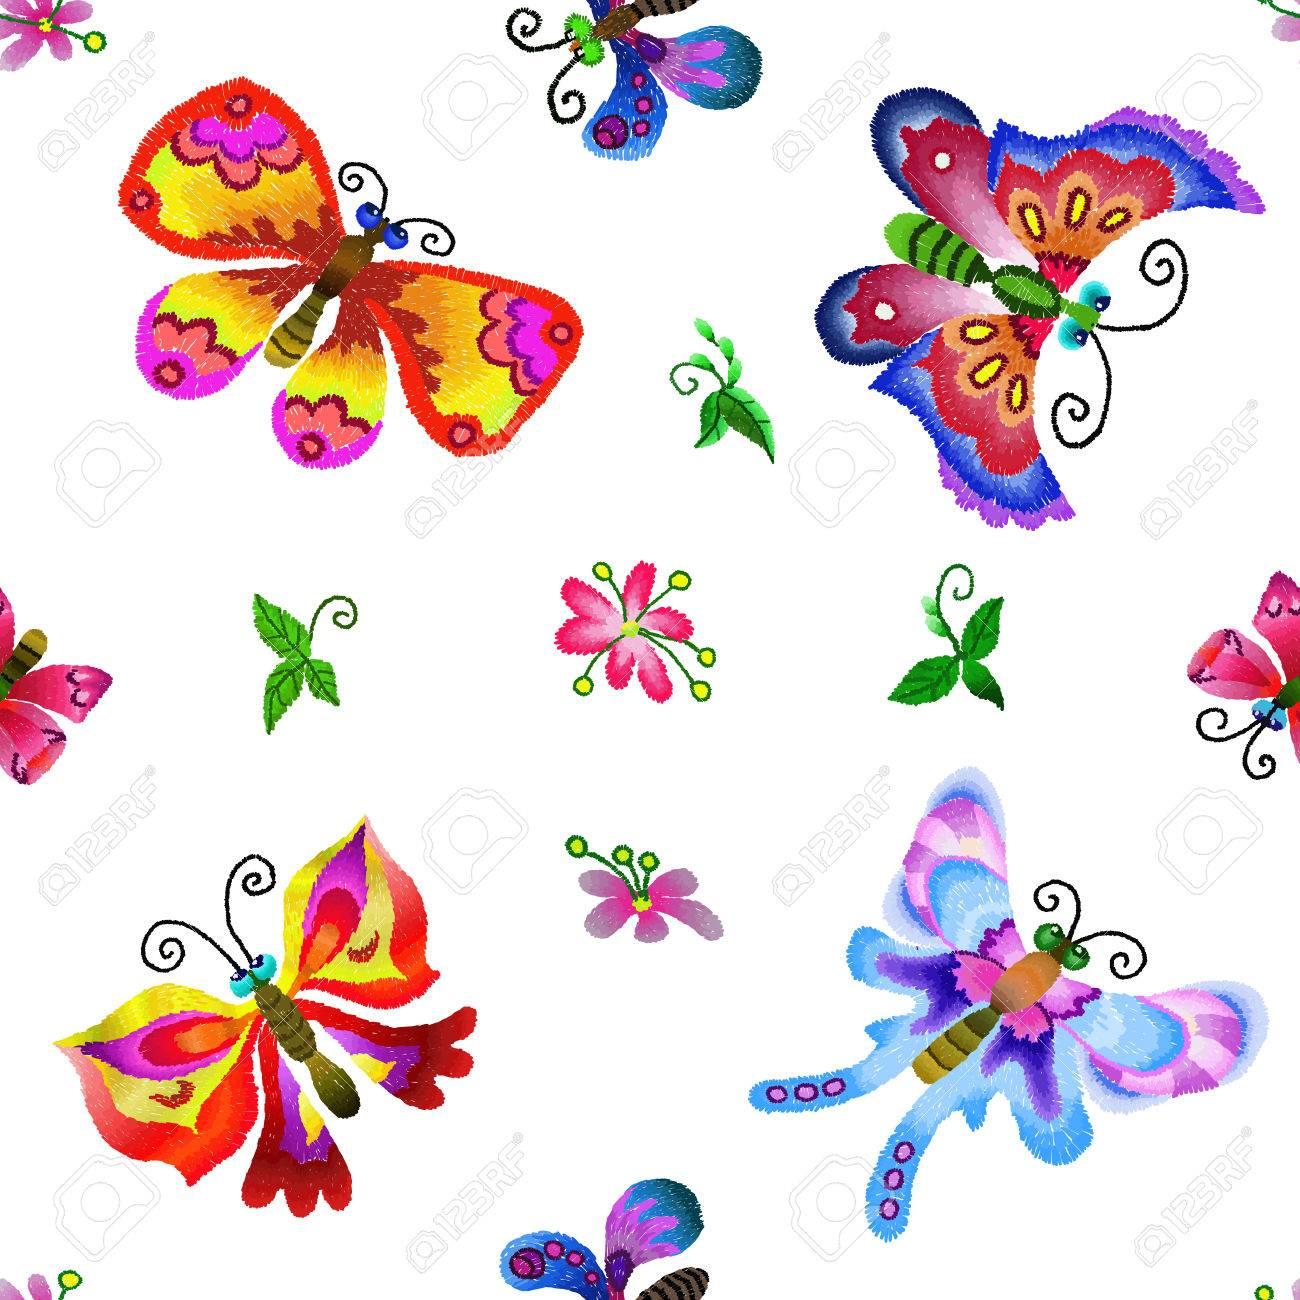 Mariposas Bordadas - Patrón Transparente. Ilustración Hecha A Mano ...